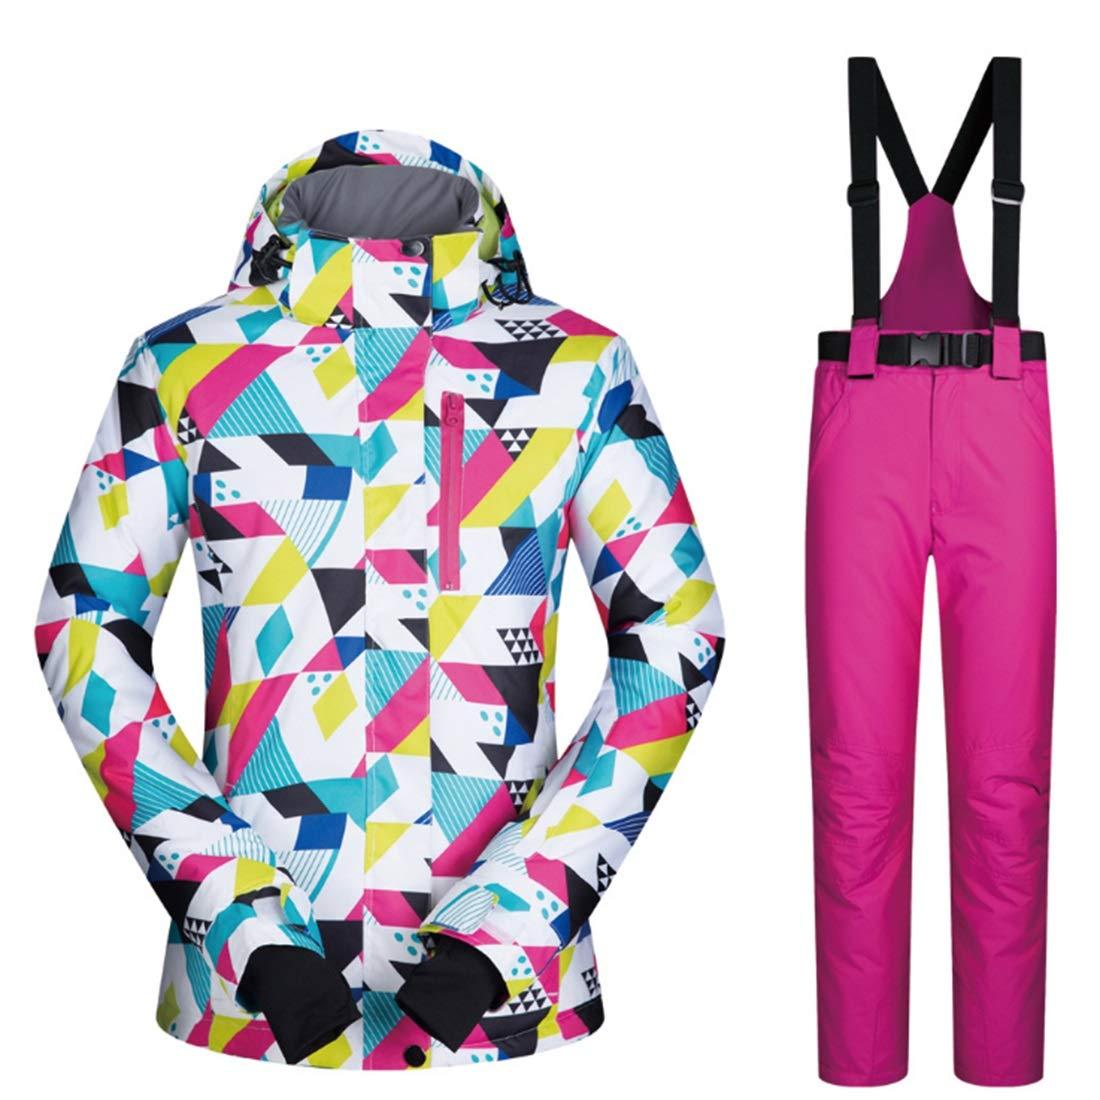 LINANNVA Giacca da Donna Winter Girl Coat Coat Coat Outdoor Sport Dress Giacca da Sci Antivento e Impermeabile (Coloree   08, Dimensione   M)B07KPZRF9QXL 05 | Per Essere Altamente Lodato E Apprezzato Dal Pubblico Dei Consumatori  | Garanzia di qualità e quantità  533bbd